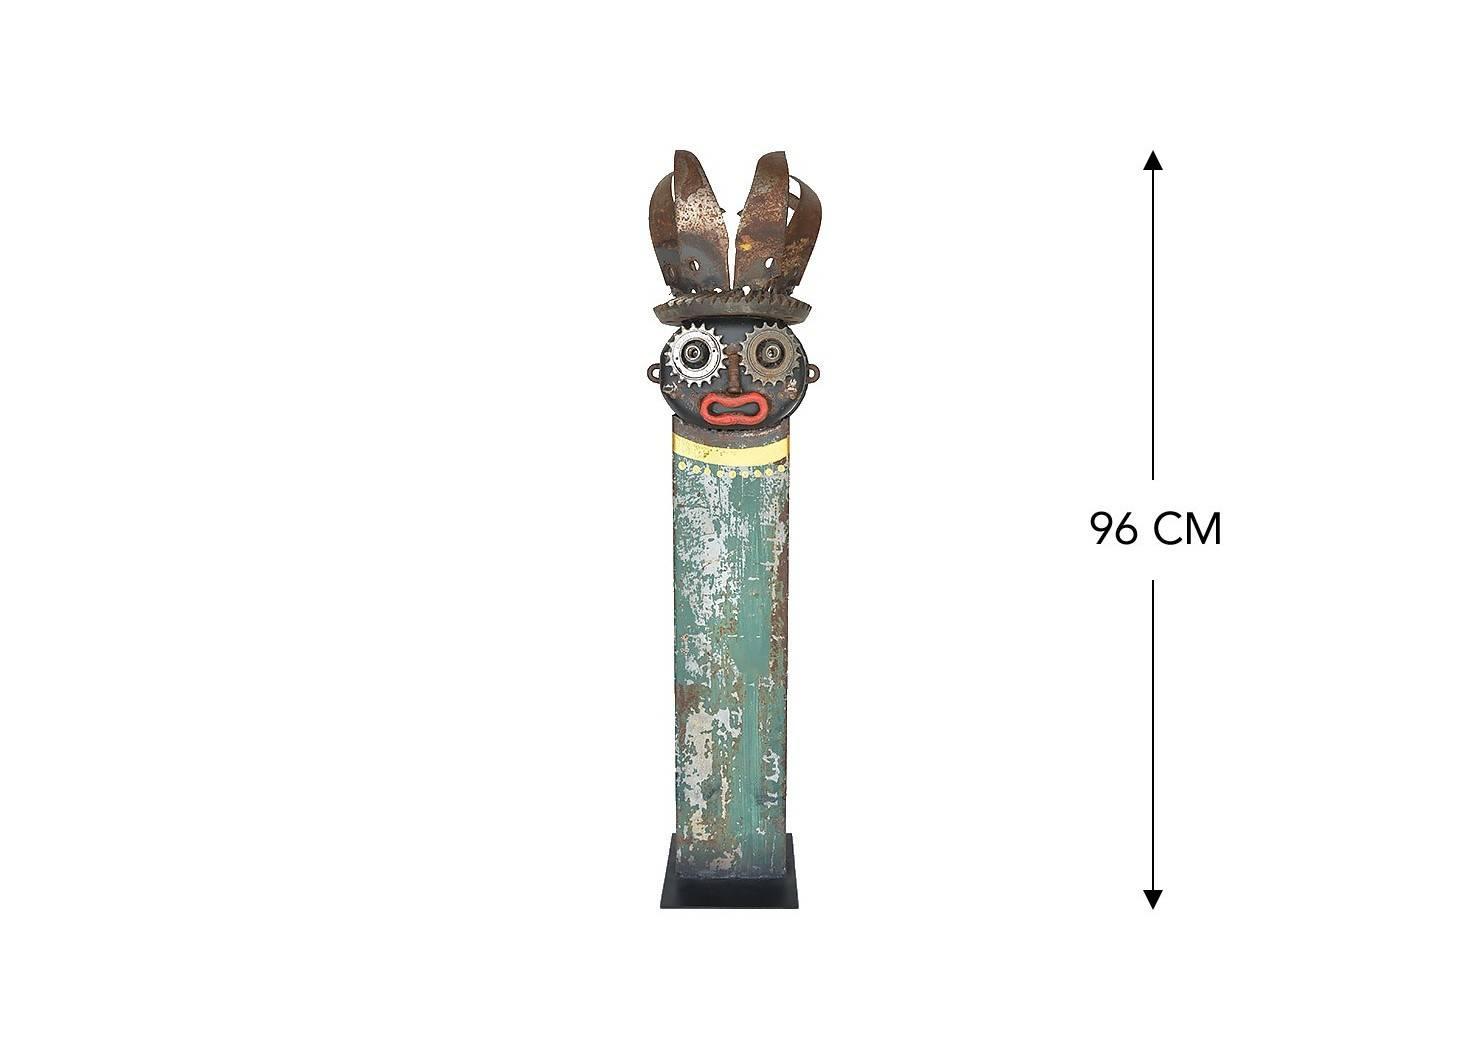 Masque décoratif en métal recyclé - L8